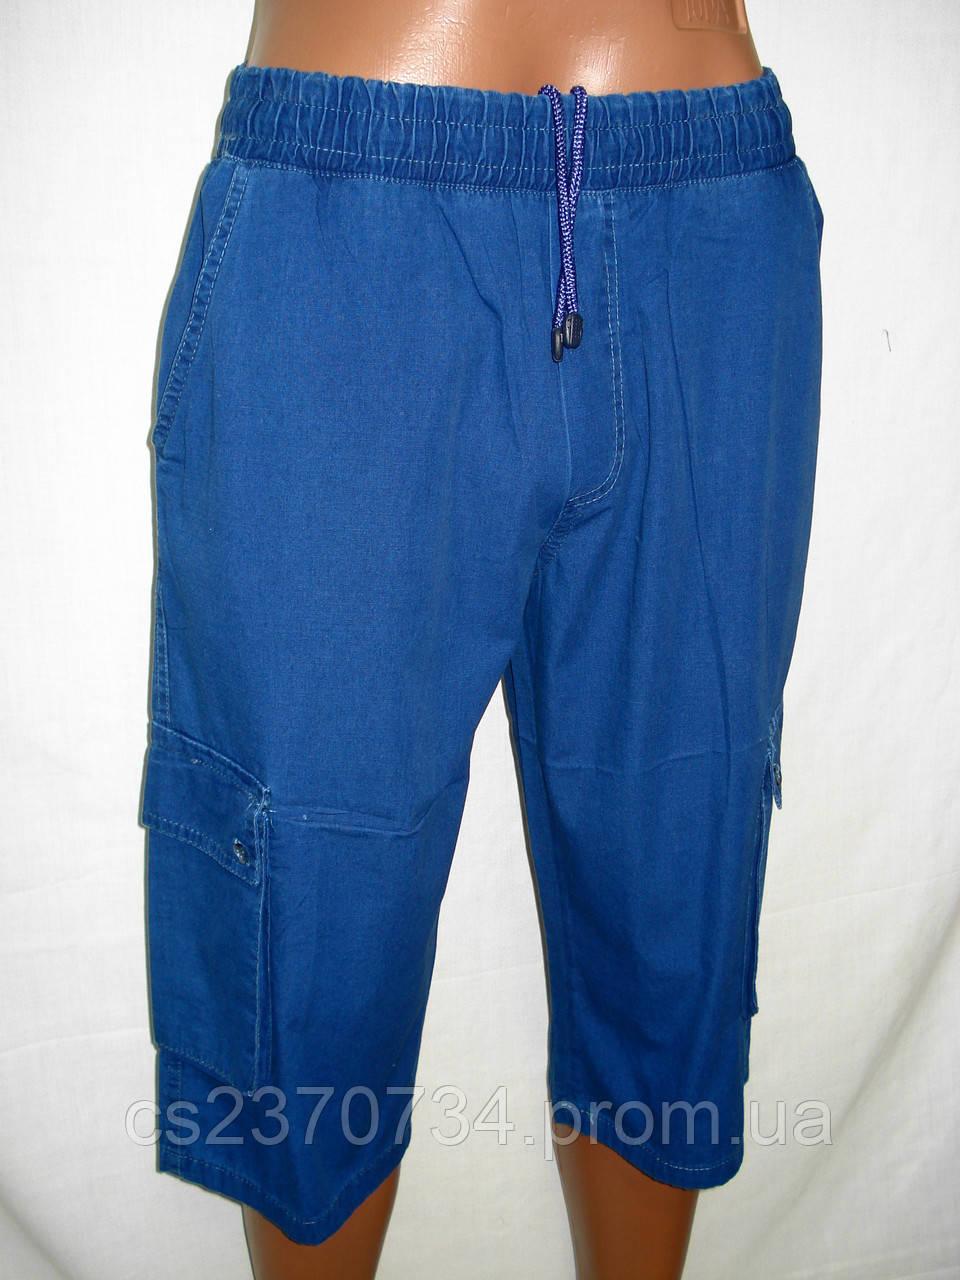 Капри мужские с карманами синие (,M,L, размер)